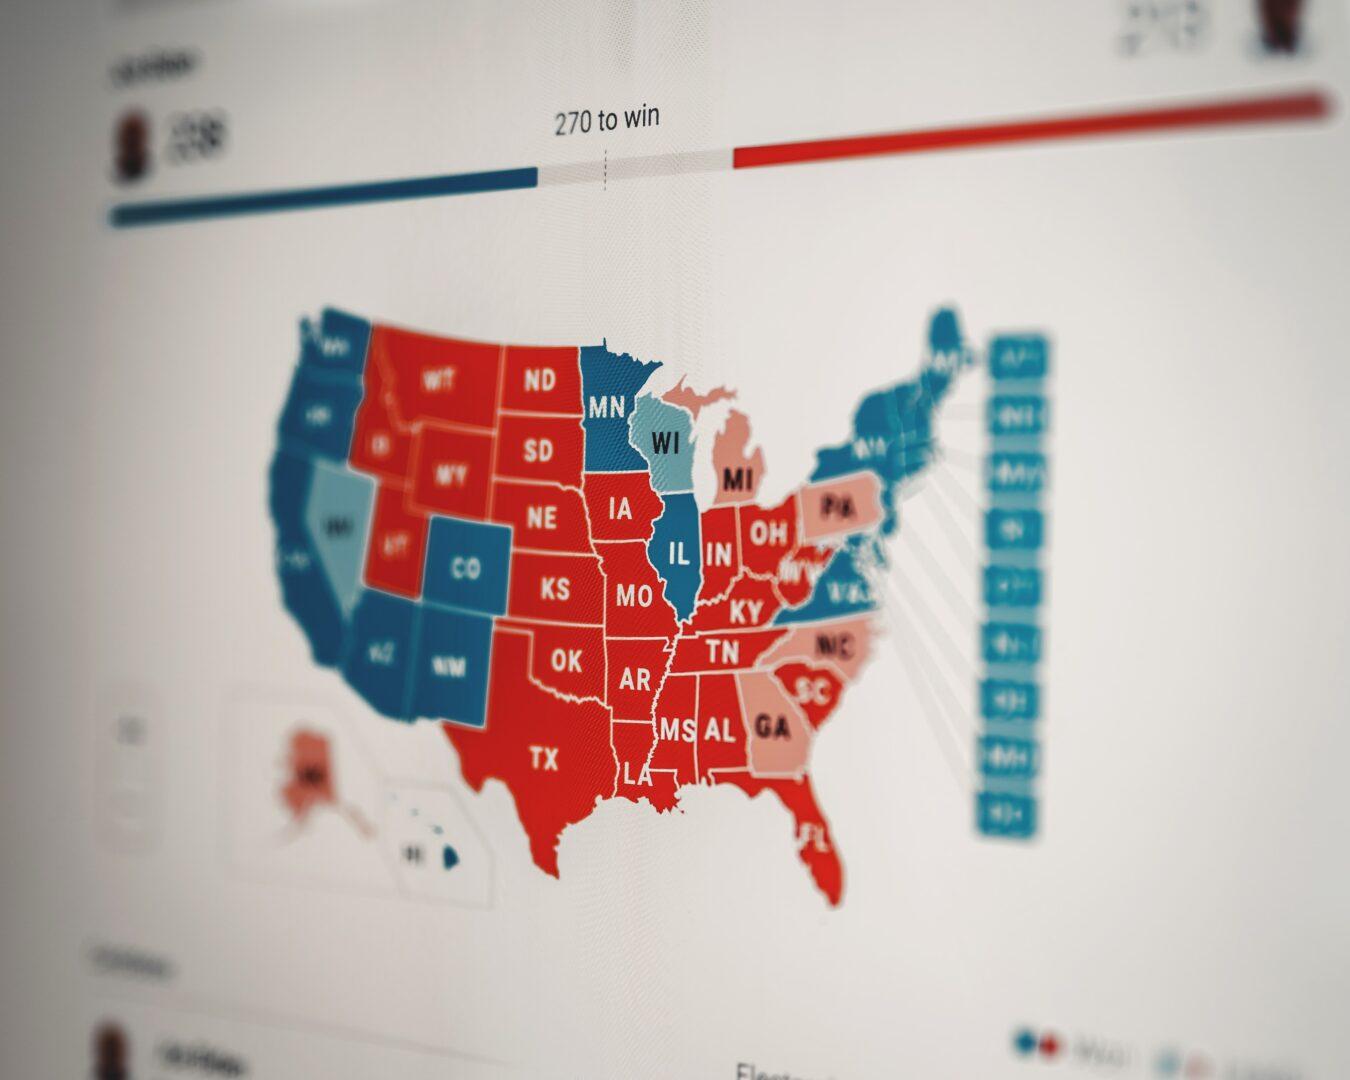 Pandemija bo ena največjih izzivov prihodnje ameriške administracije, je v sporočilu za javnost še zapisal Biden